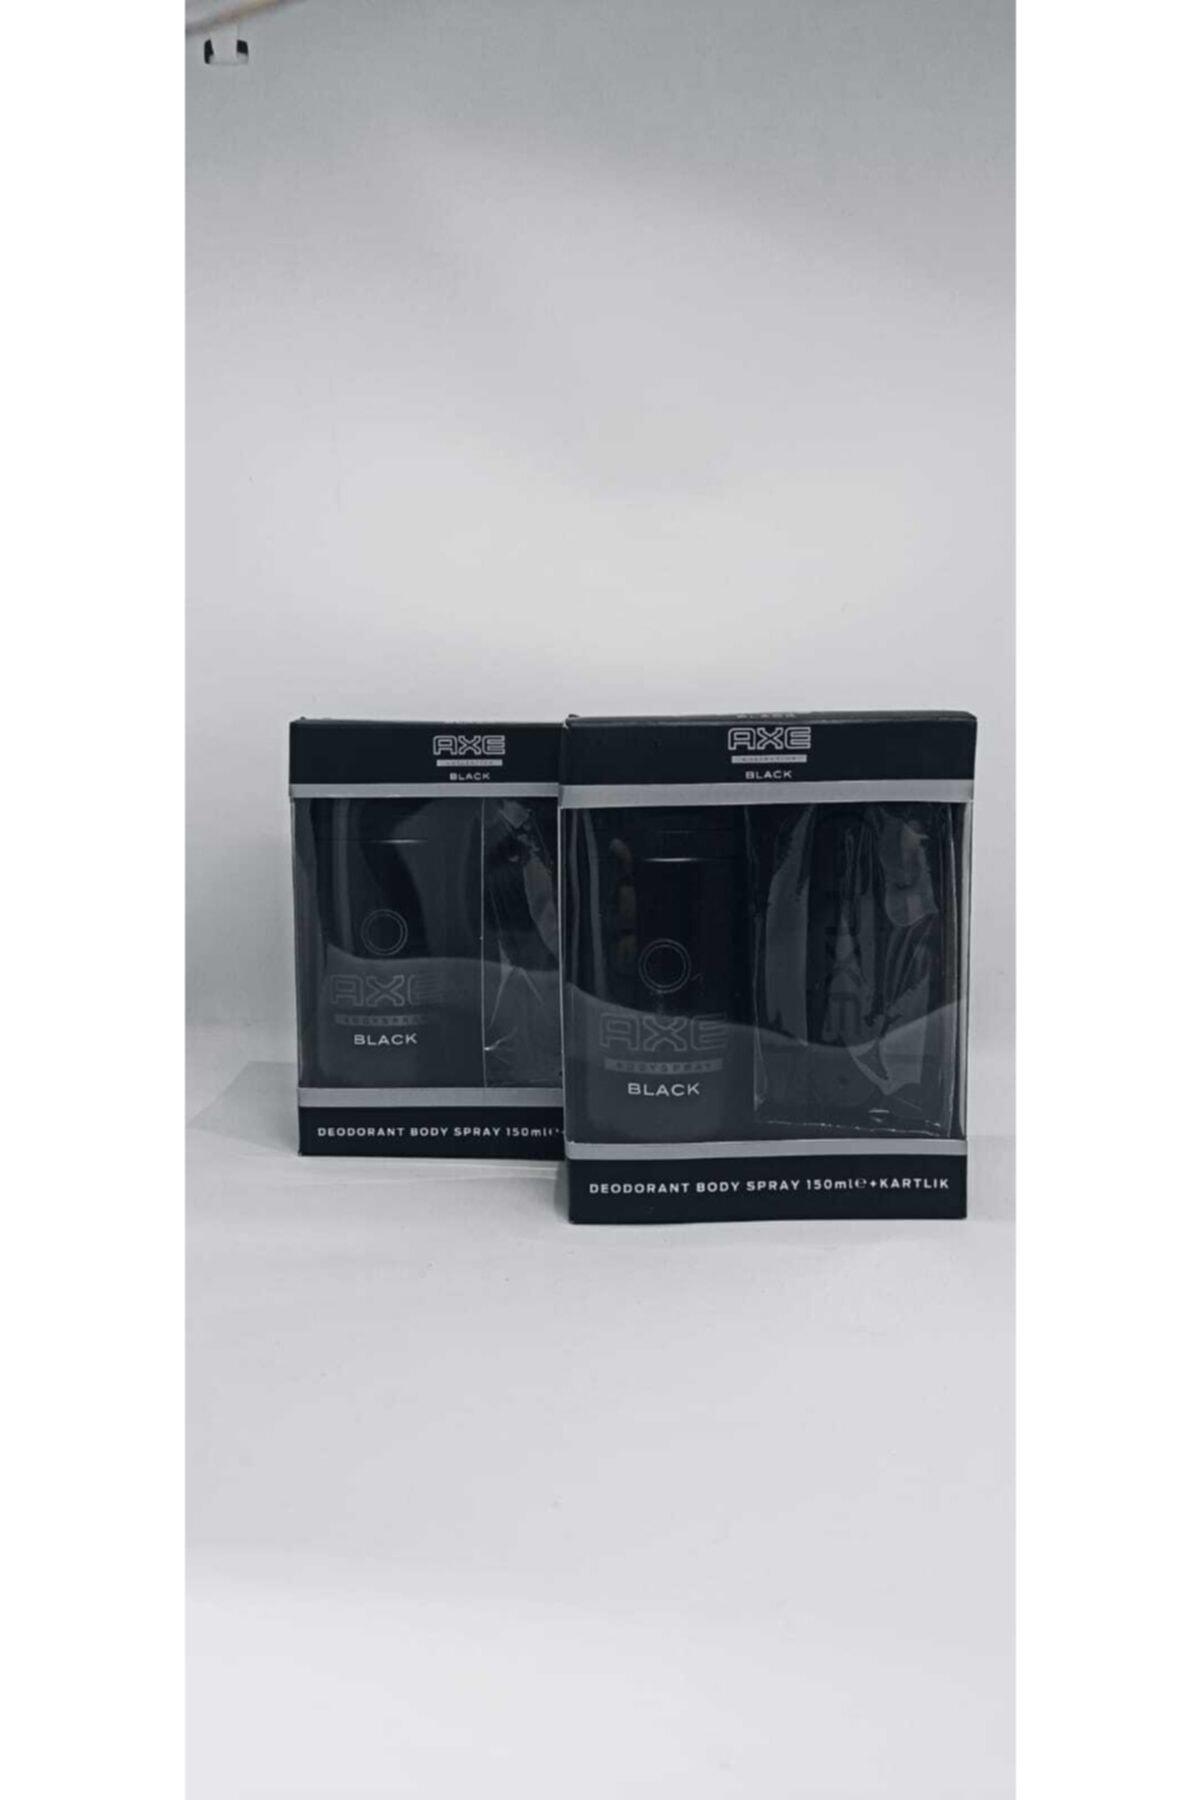 Axe Black Deodorant 150 Ml + Kartlık 2x 1